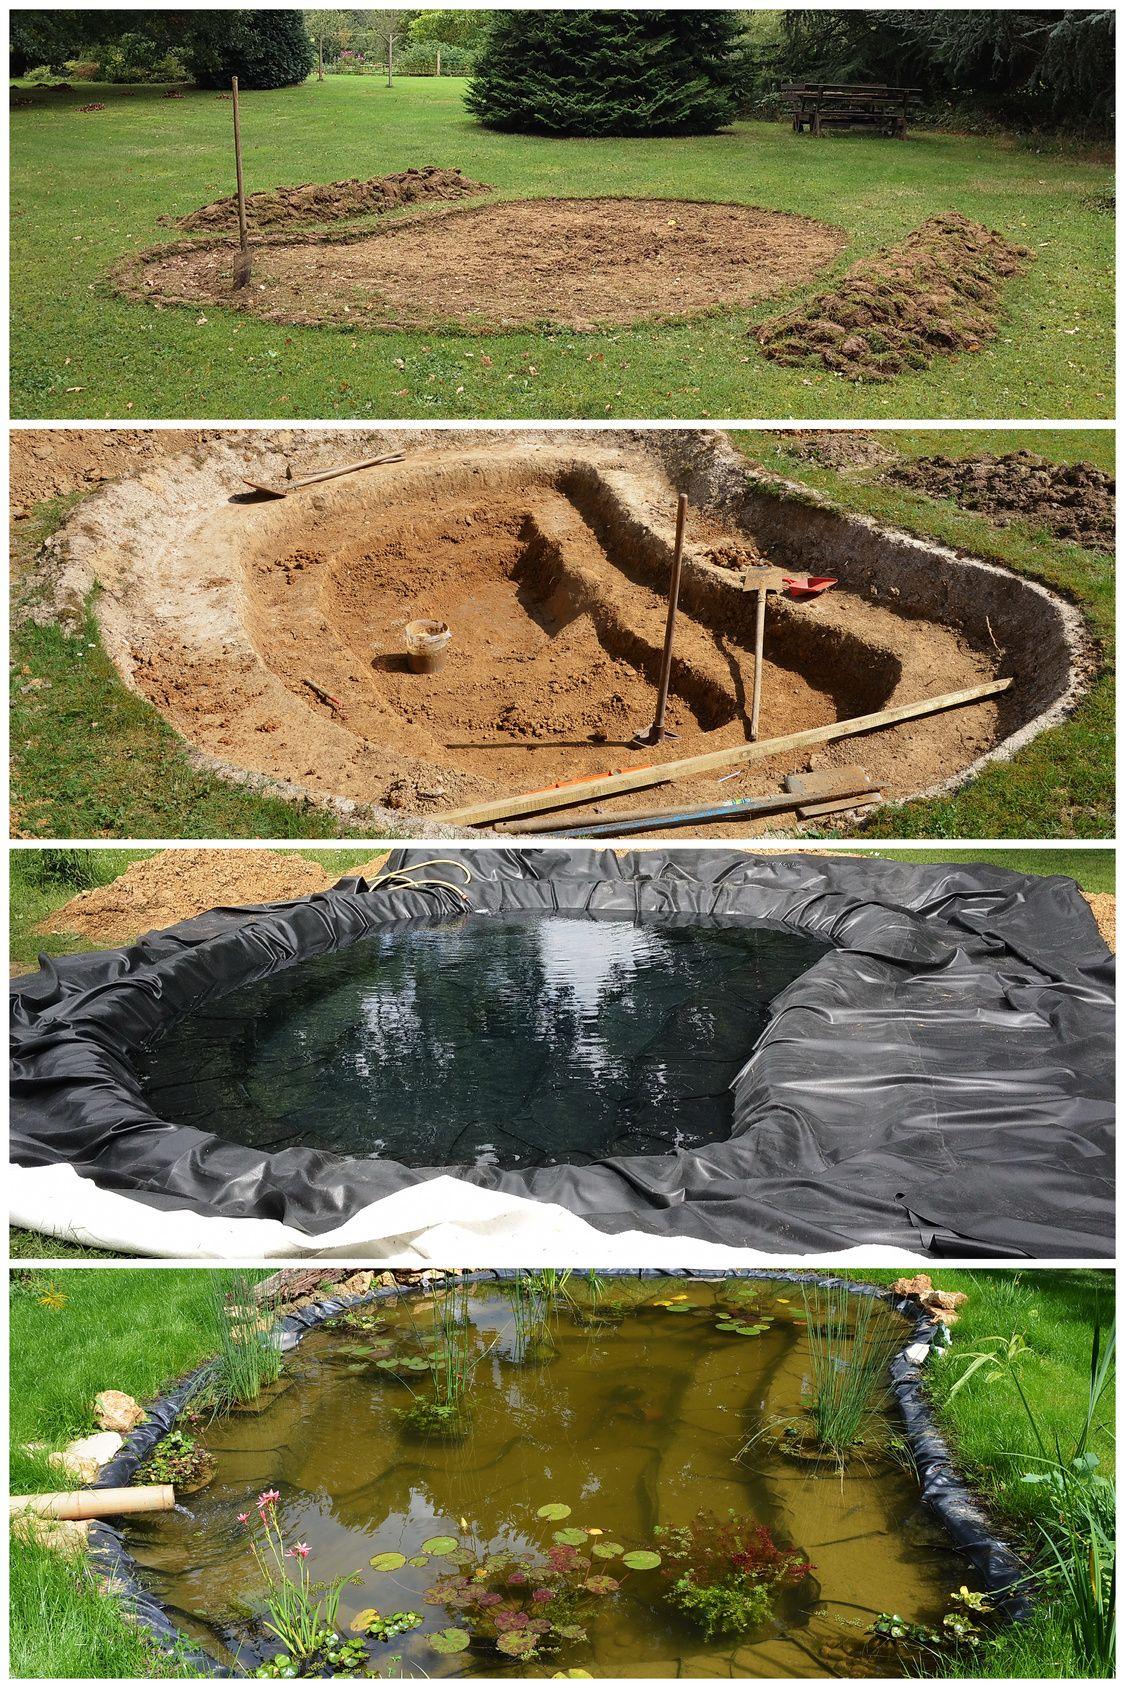 Construire Son Bassin De Jardin construire un bassin de jardin pour poissons | bassin de